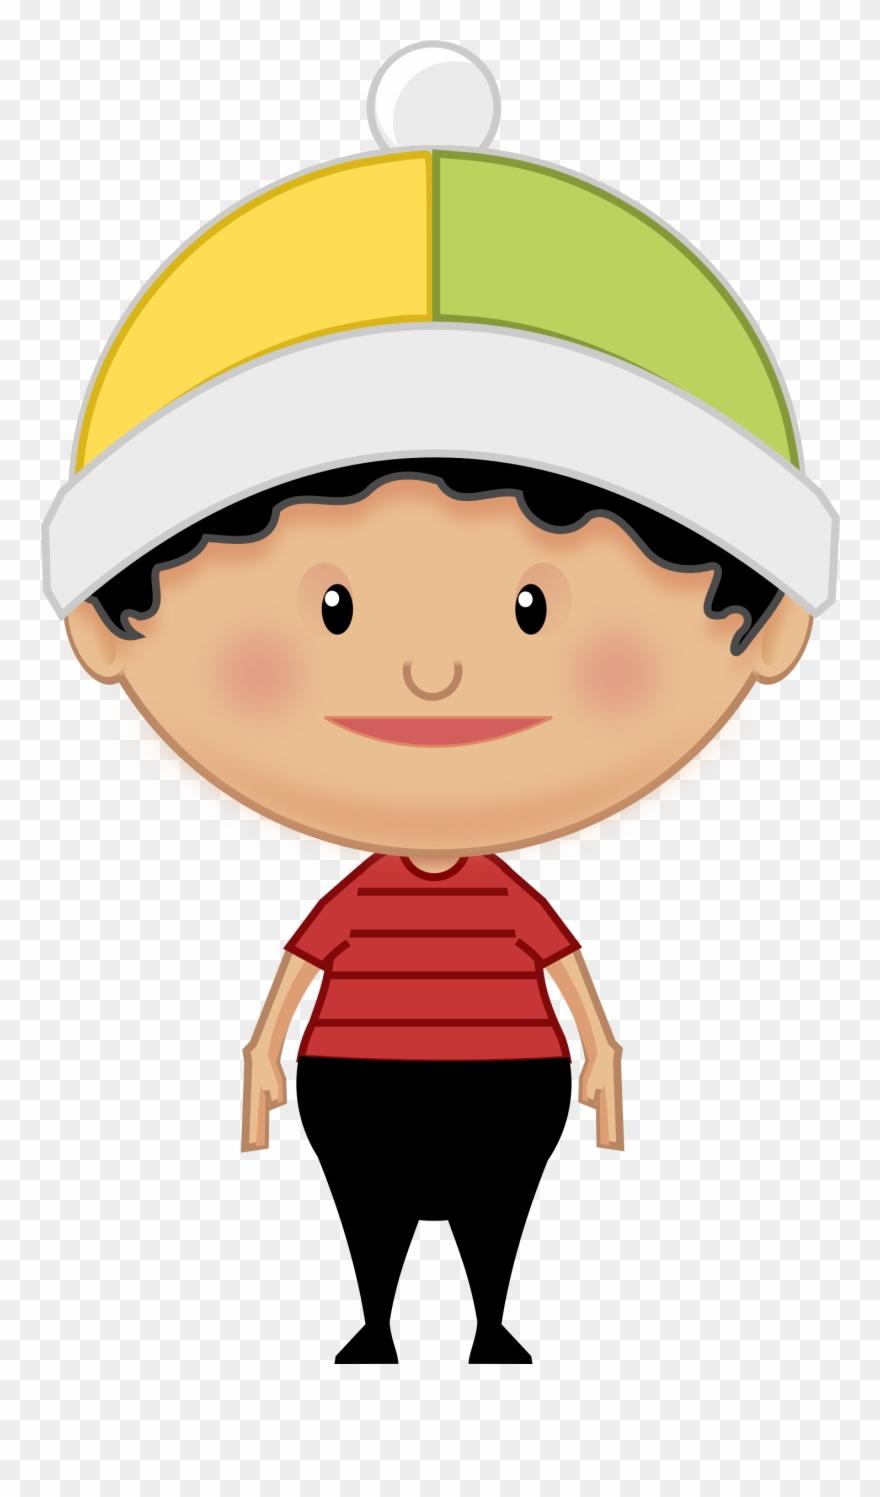 Animasi Anak Sd Png : animasi, Image, Kartun, Clipart, (#803424), PinClipart